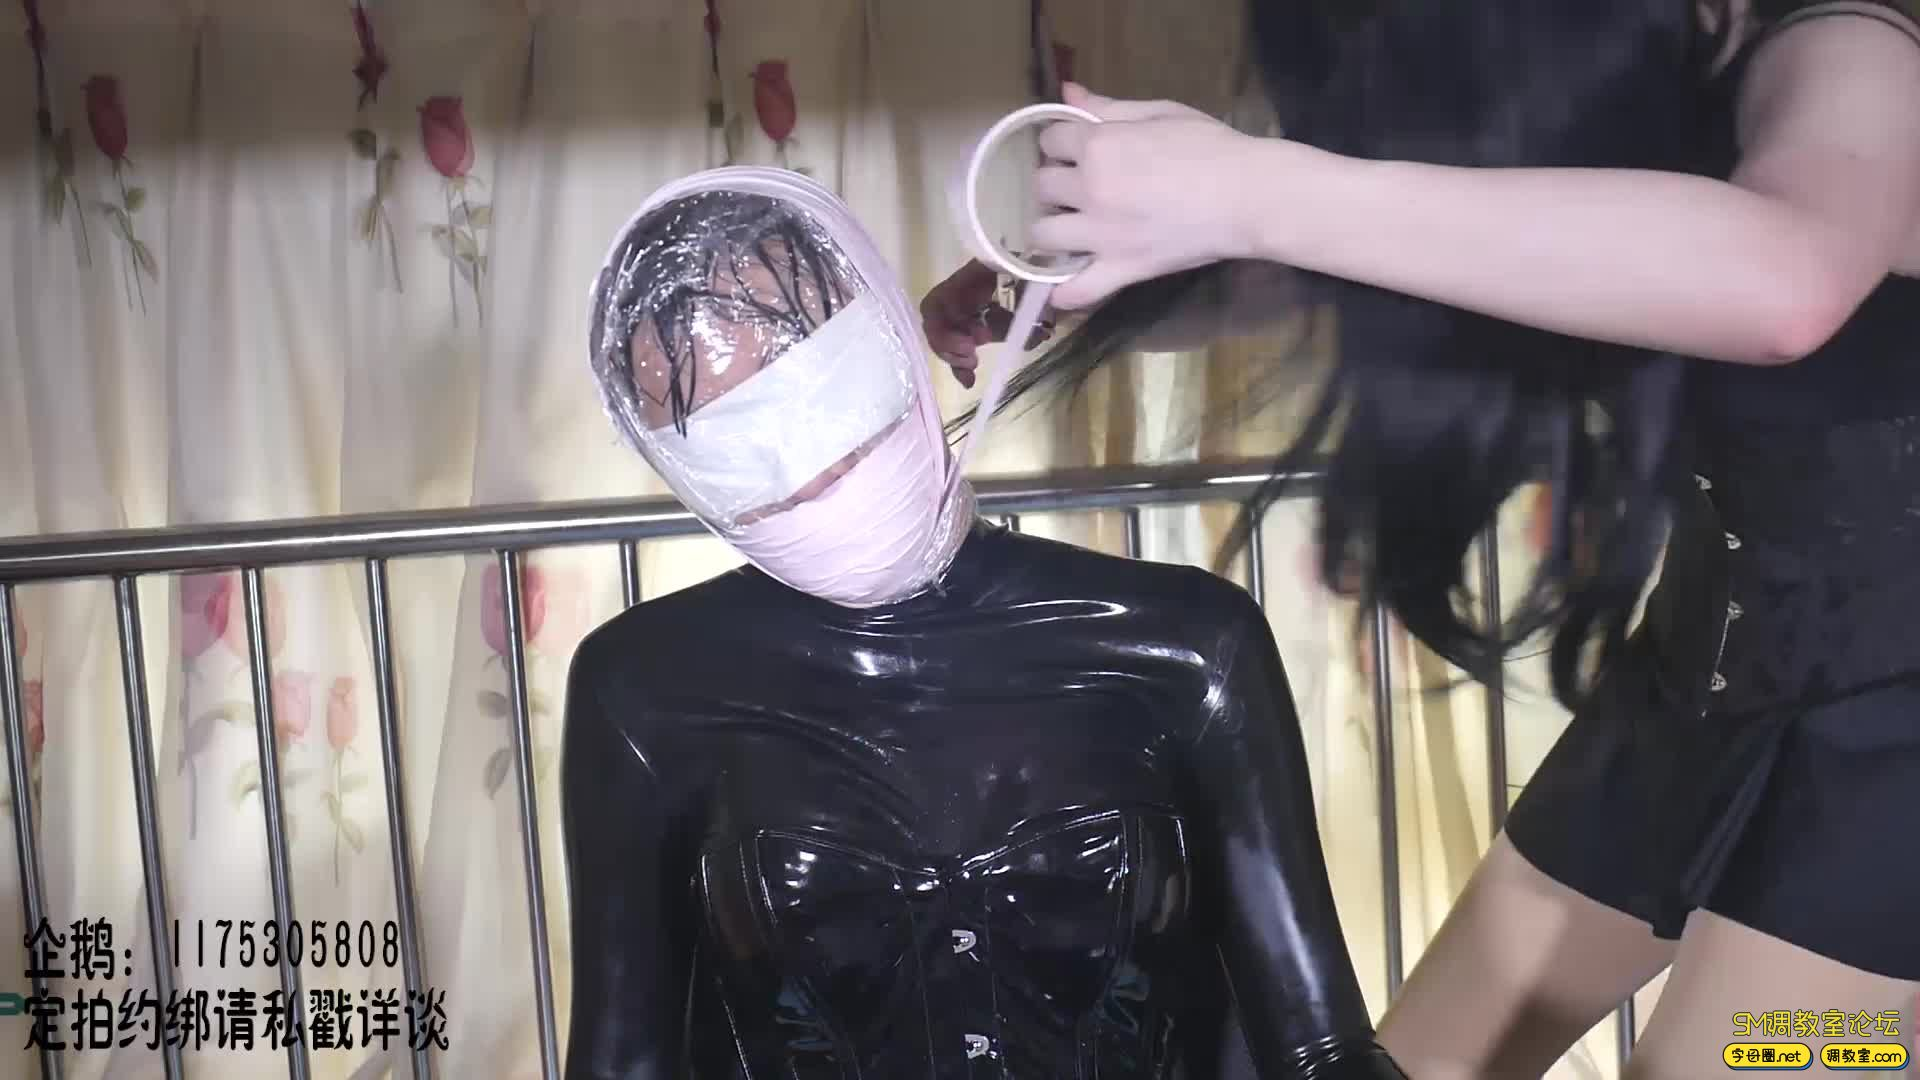 【莉雅的紧缚实验】作为玩物的一天-视频截图3